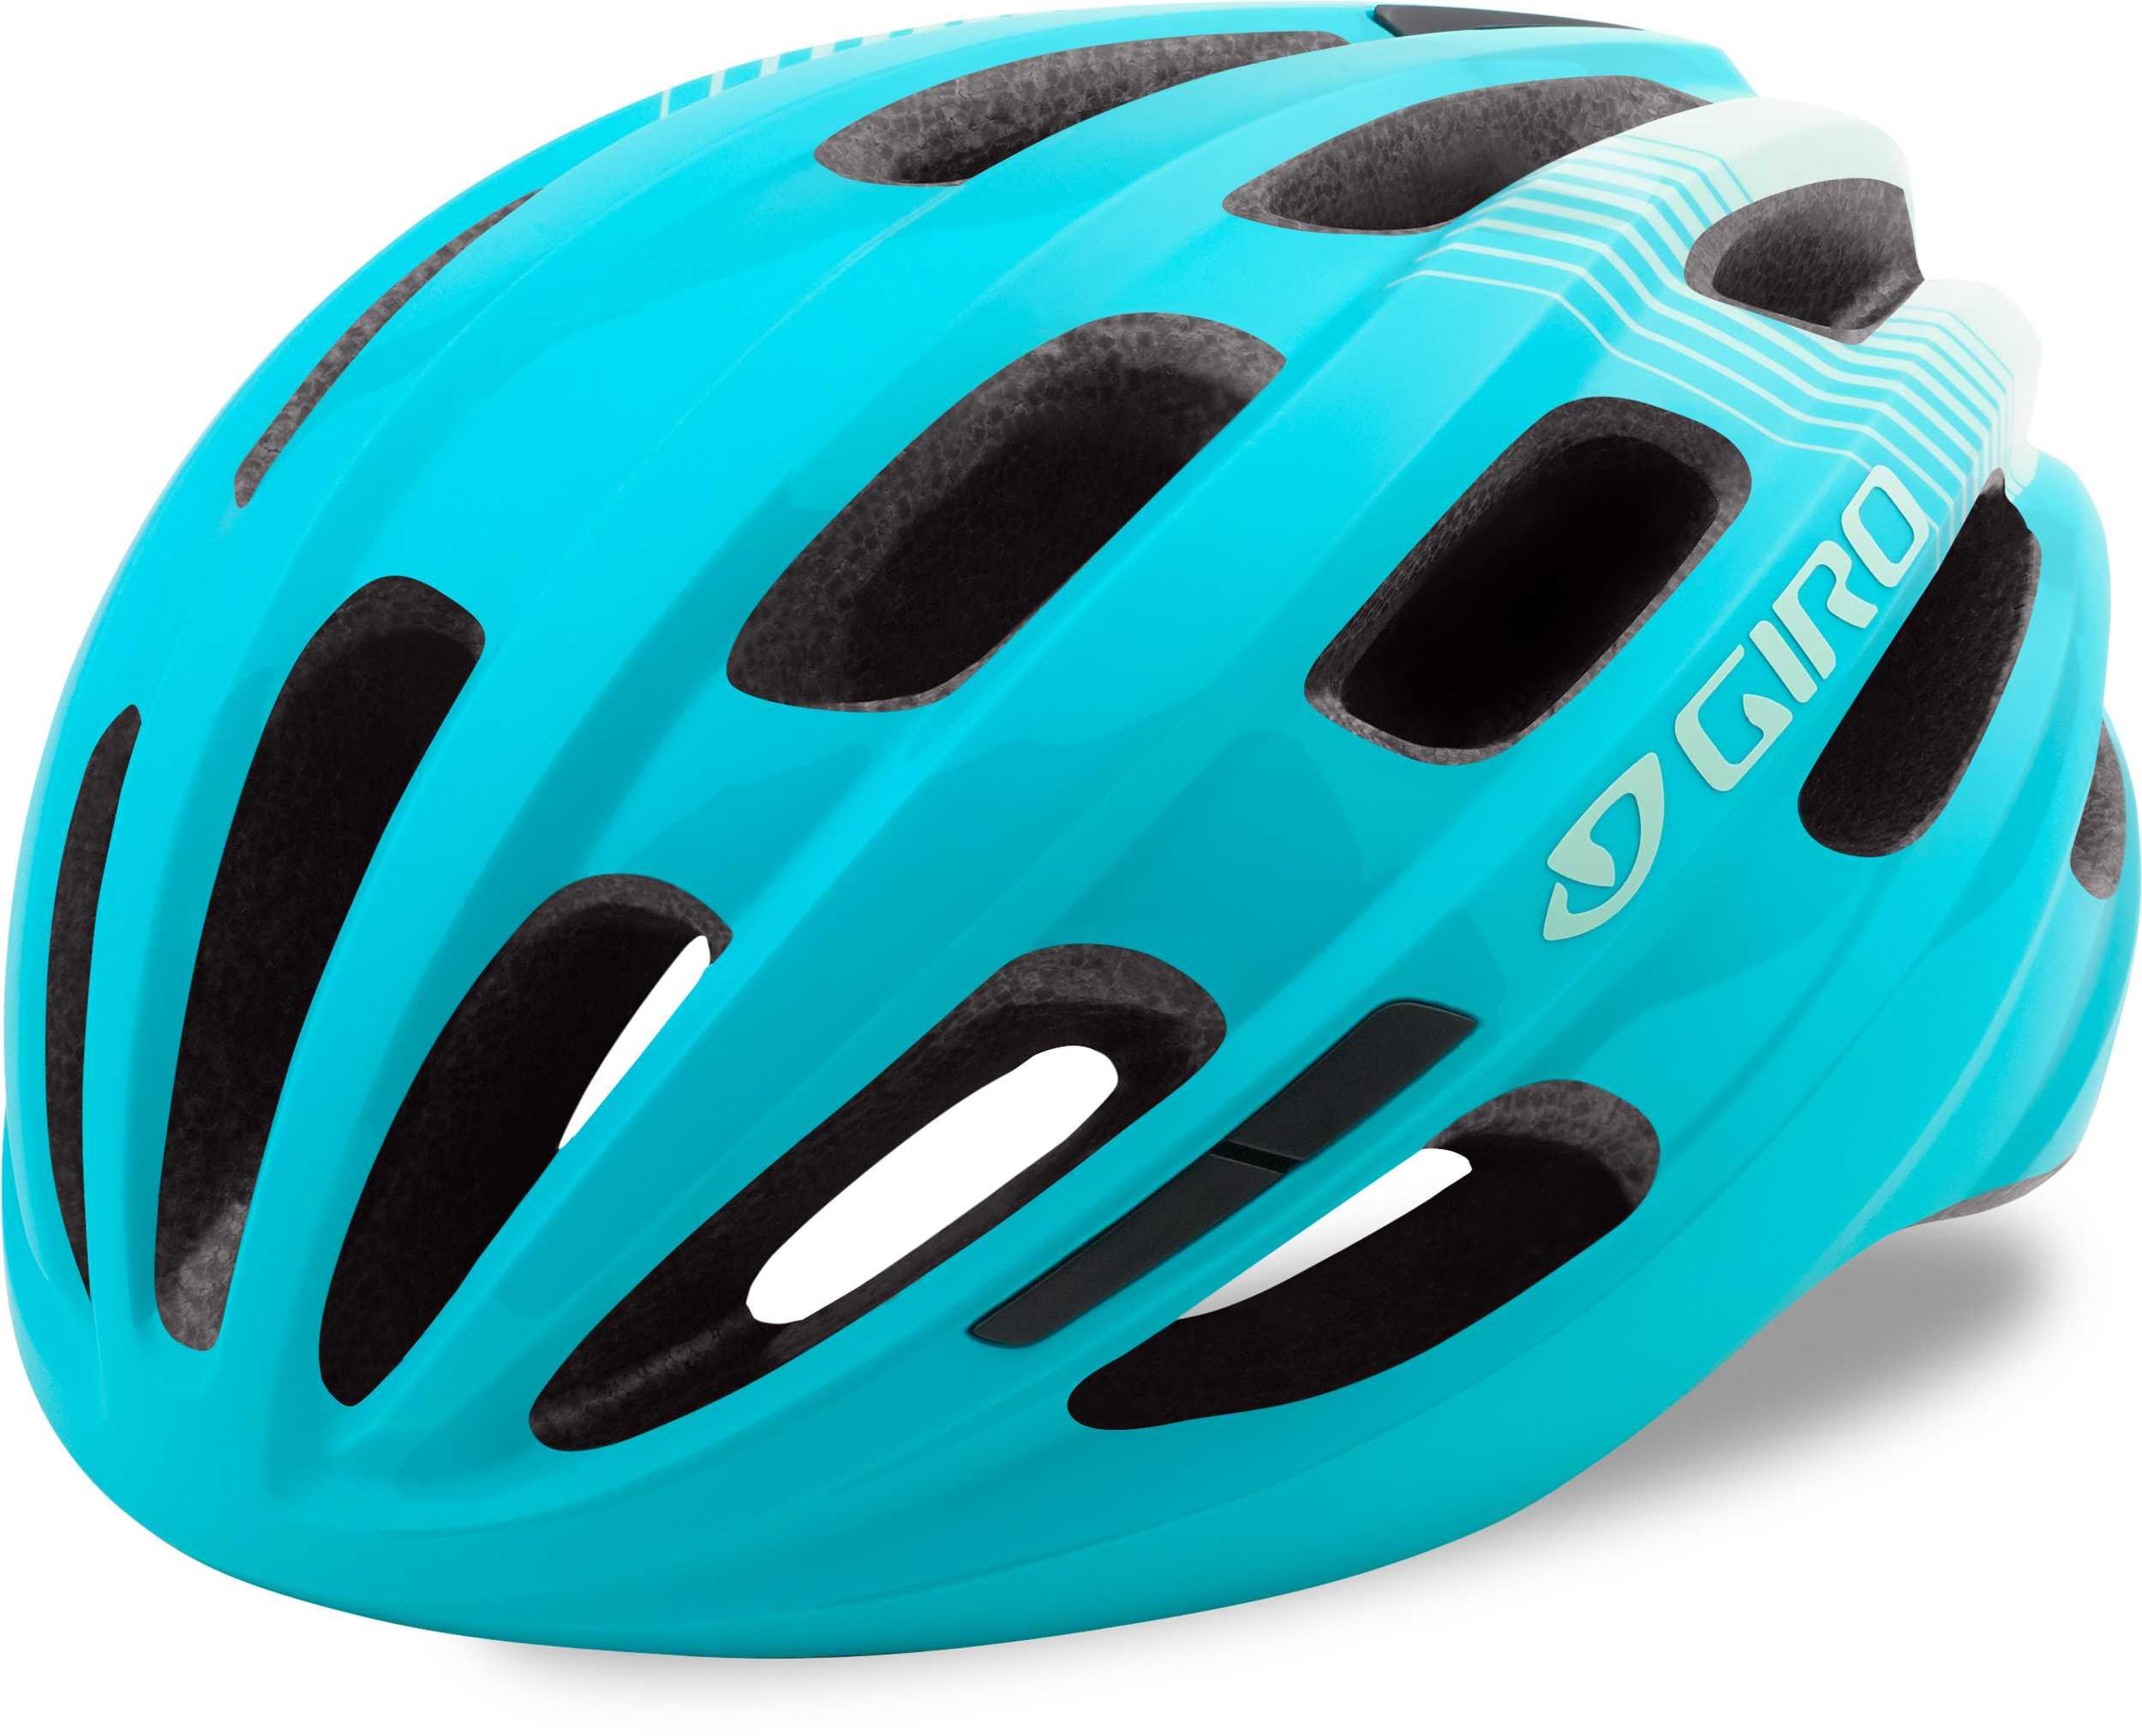 Hjelm Giro Isode MIPS mat blå | Helmets